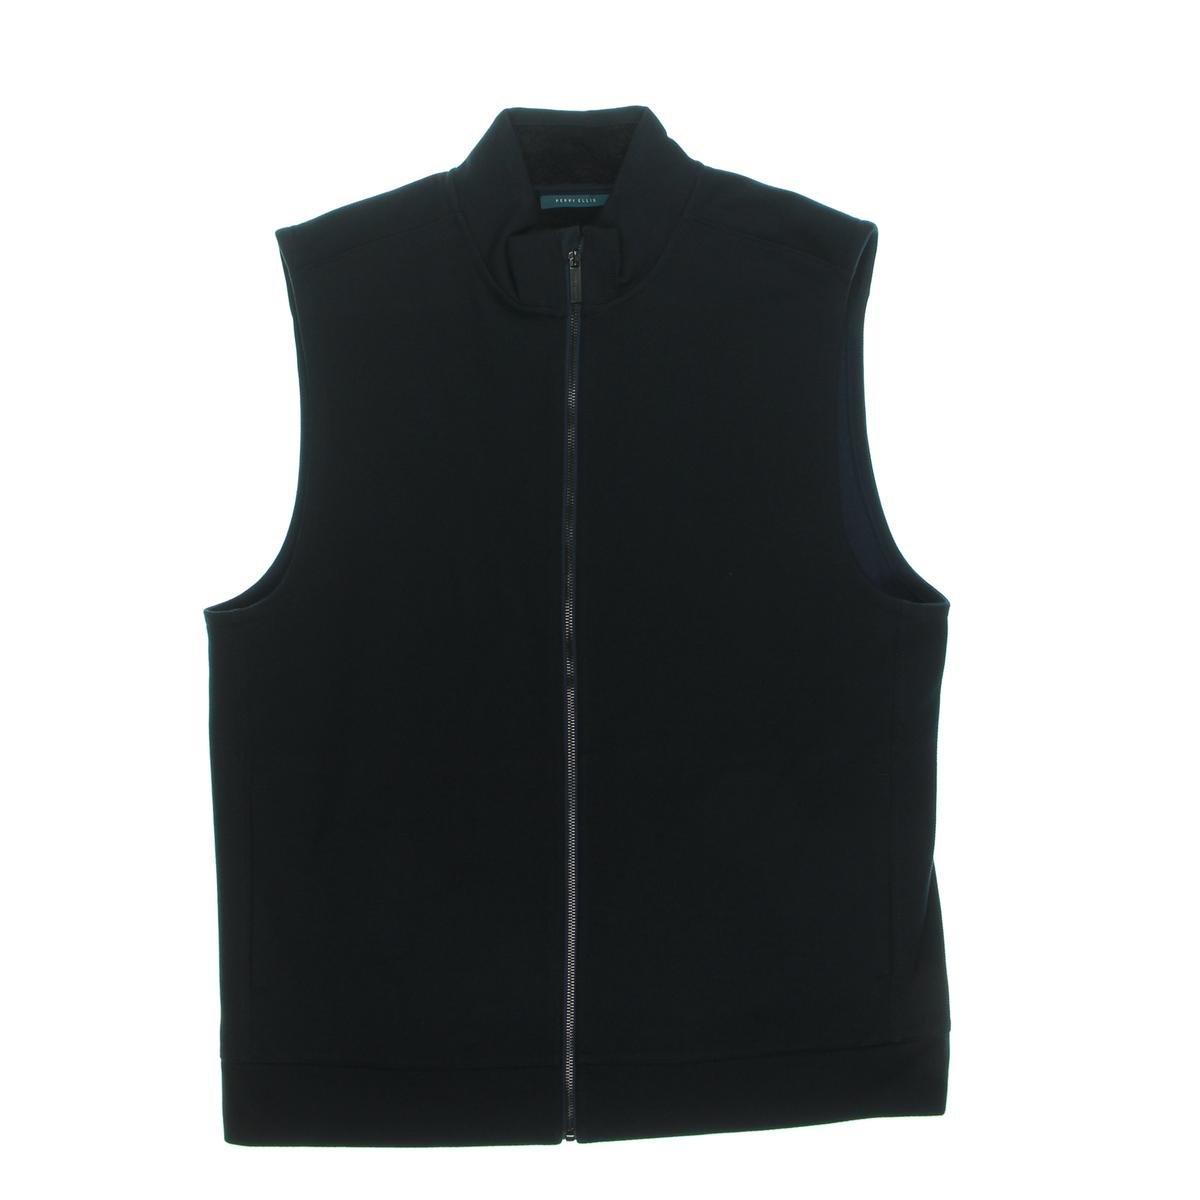 Perry Ellis Mens Zip-Front Textured Black Vest 4BHK7101PS